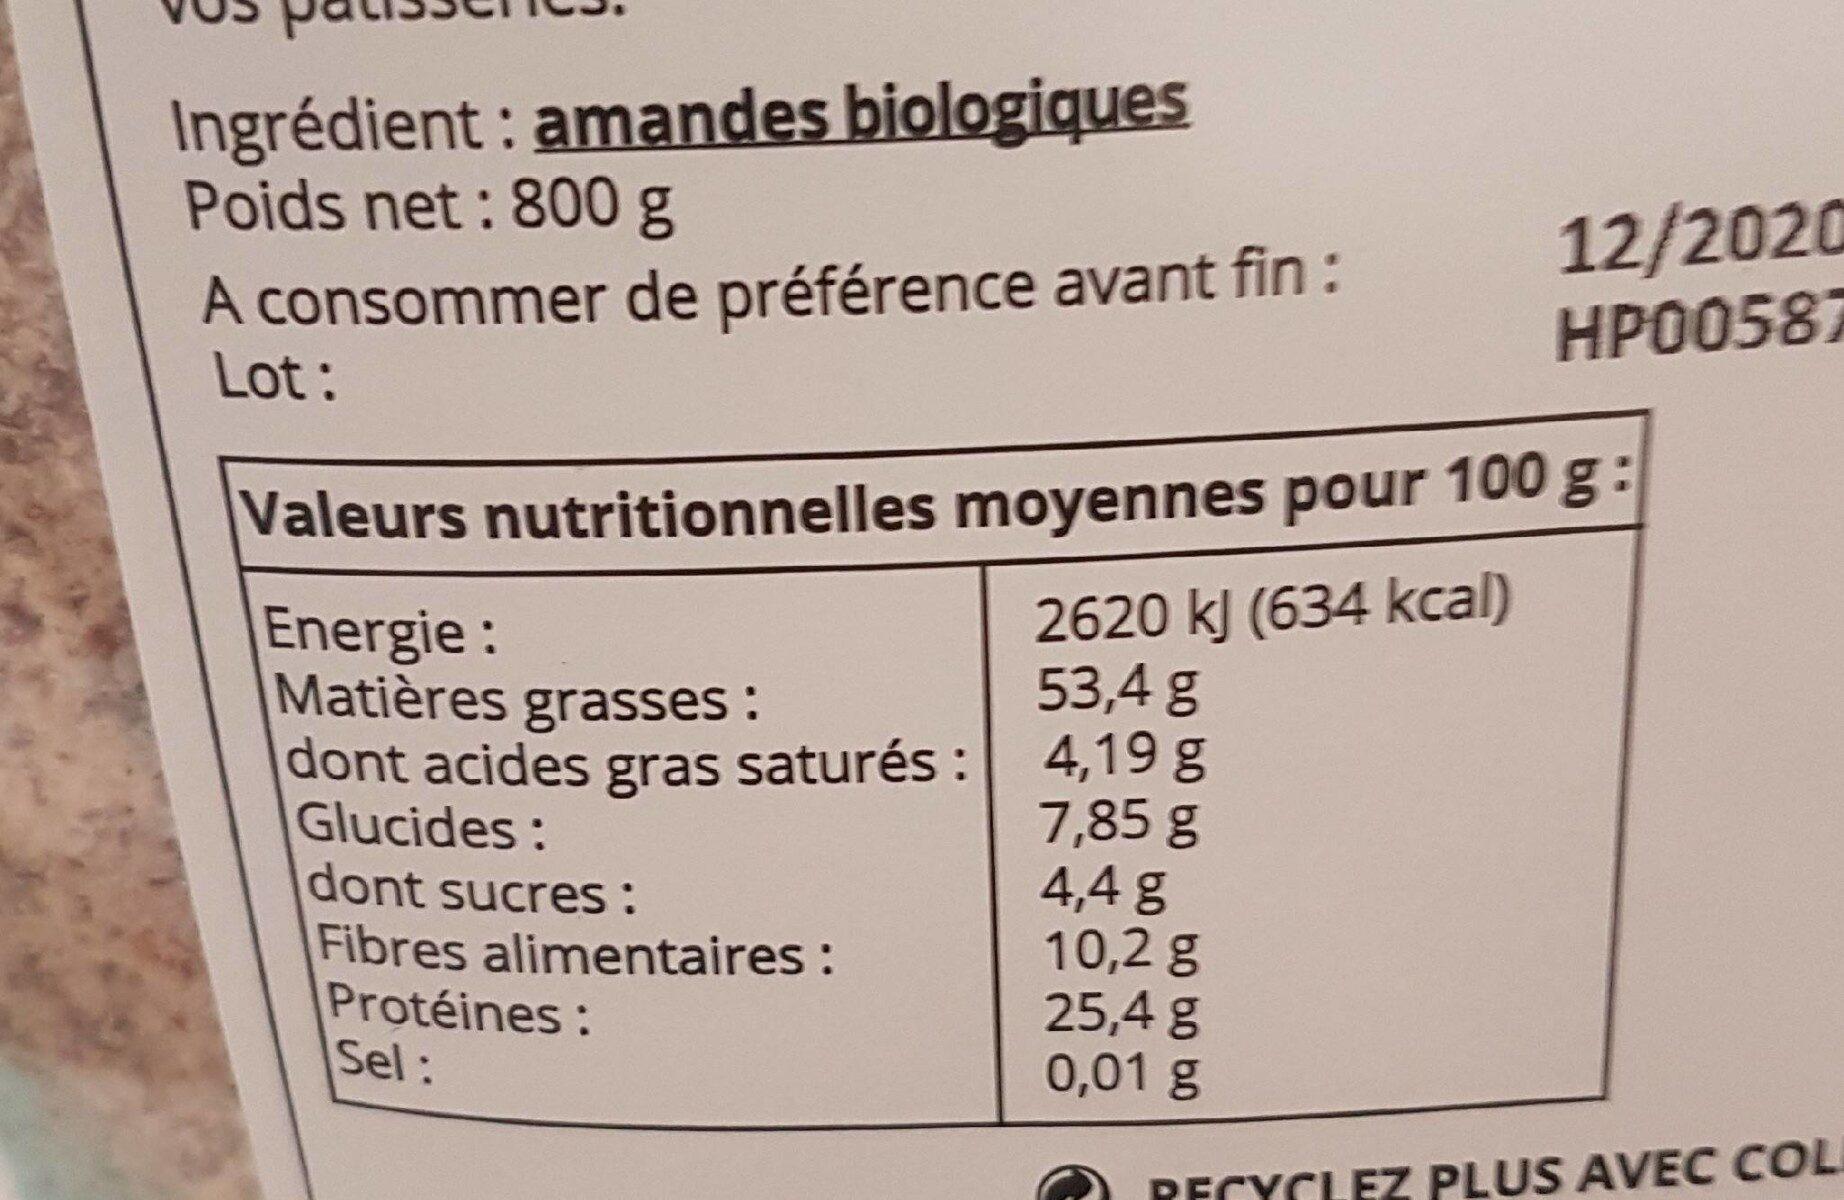 Poudre d'amandes complète - Espagne - Informations nutritionnelles - fr